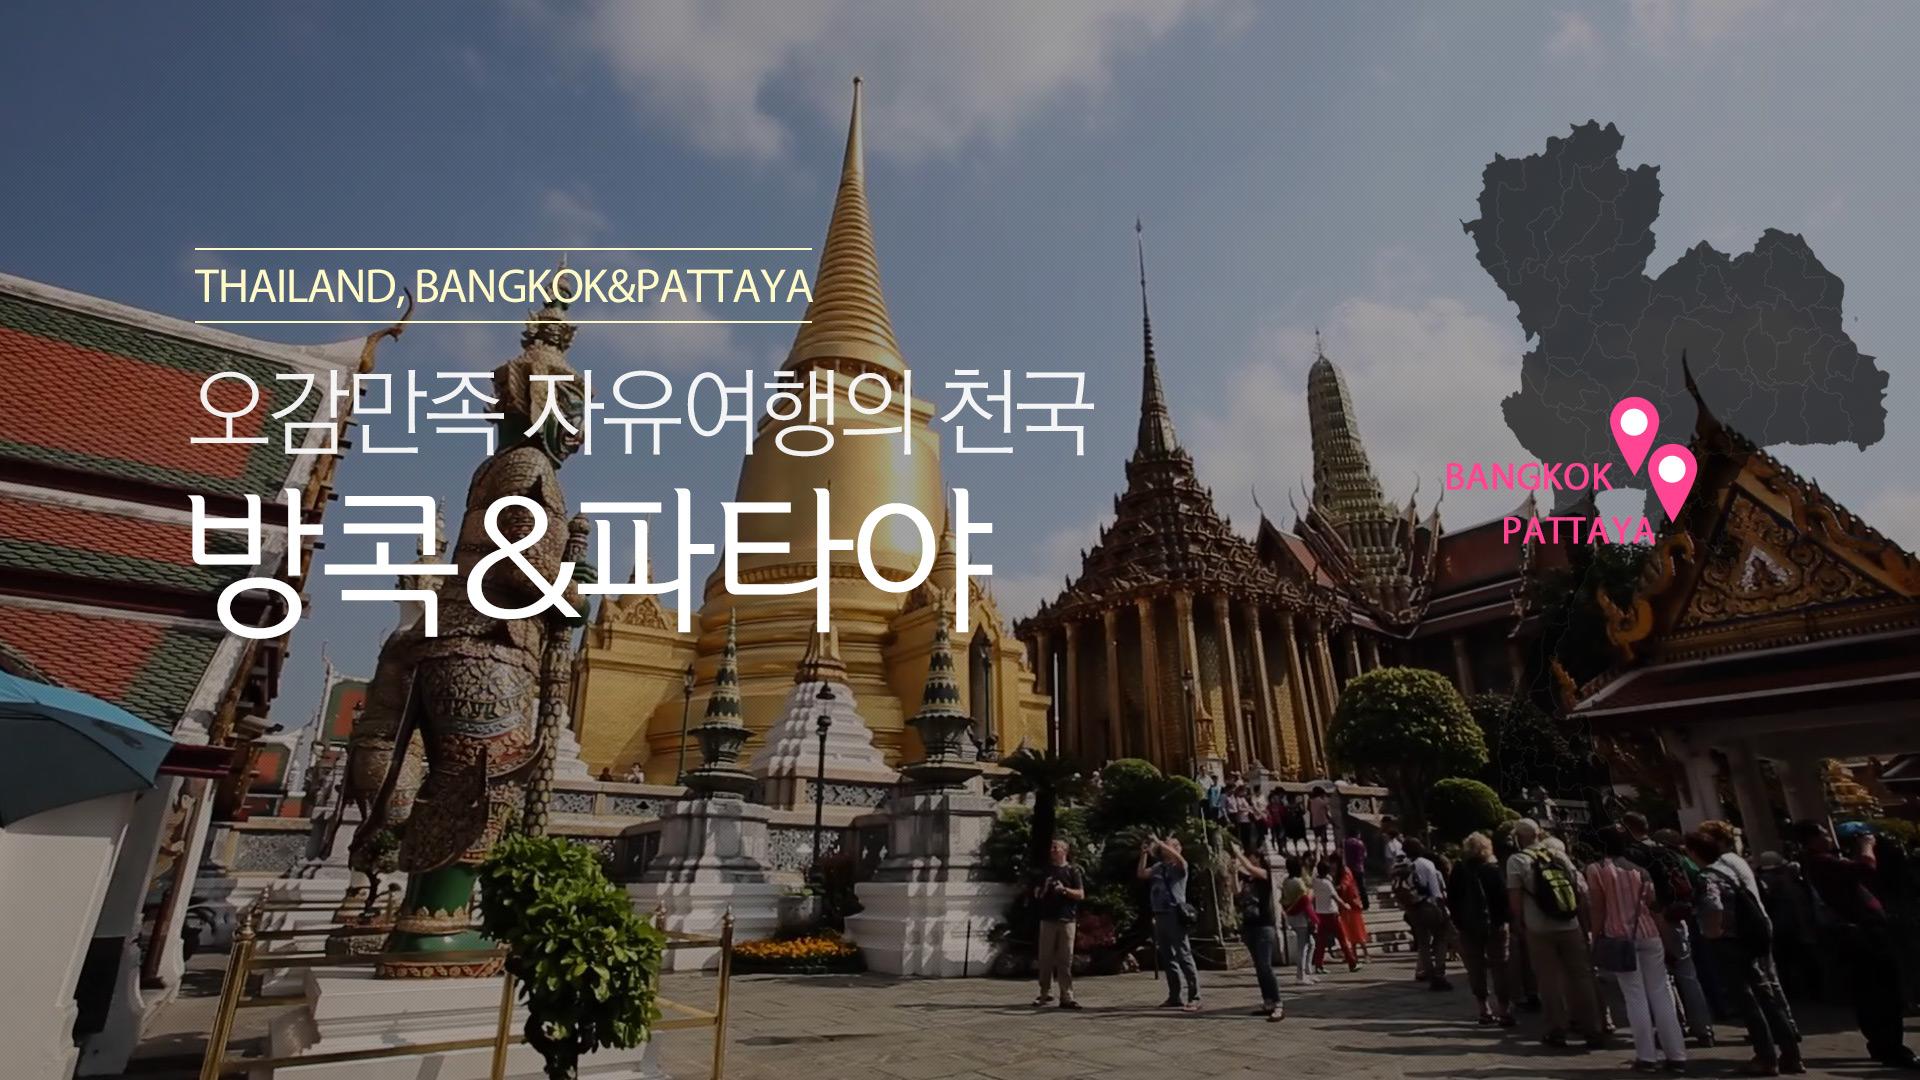 [태국] 방콕 파타야 상품을 한눈에, 일정 동영상